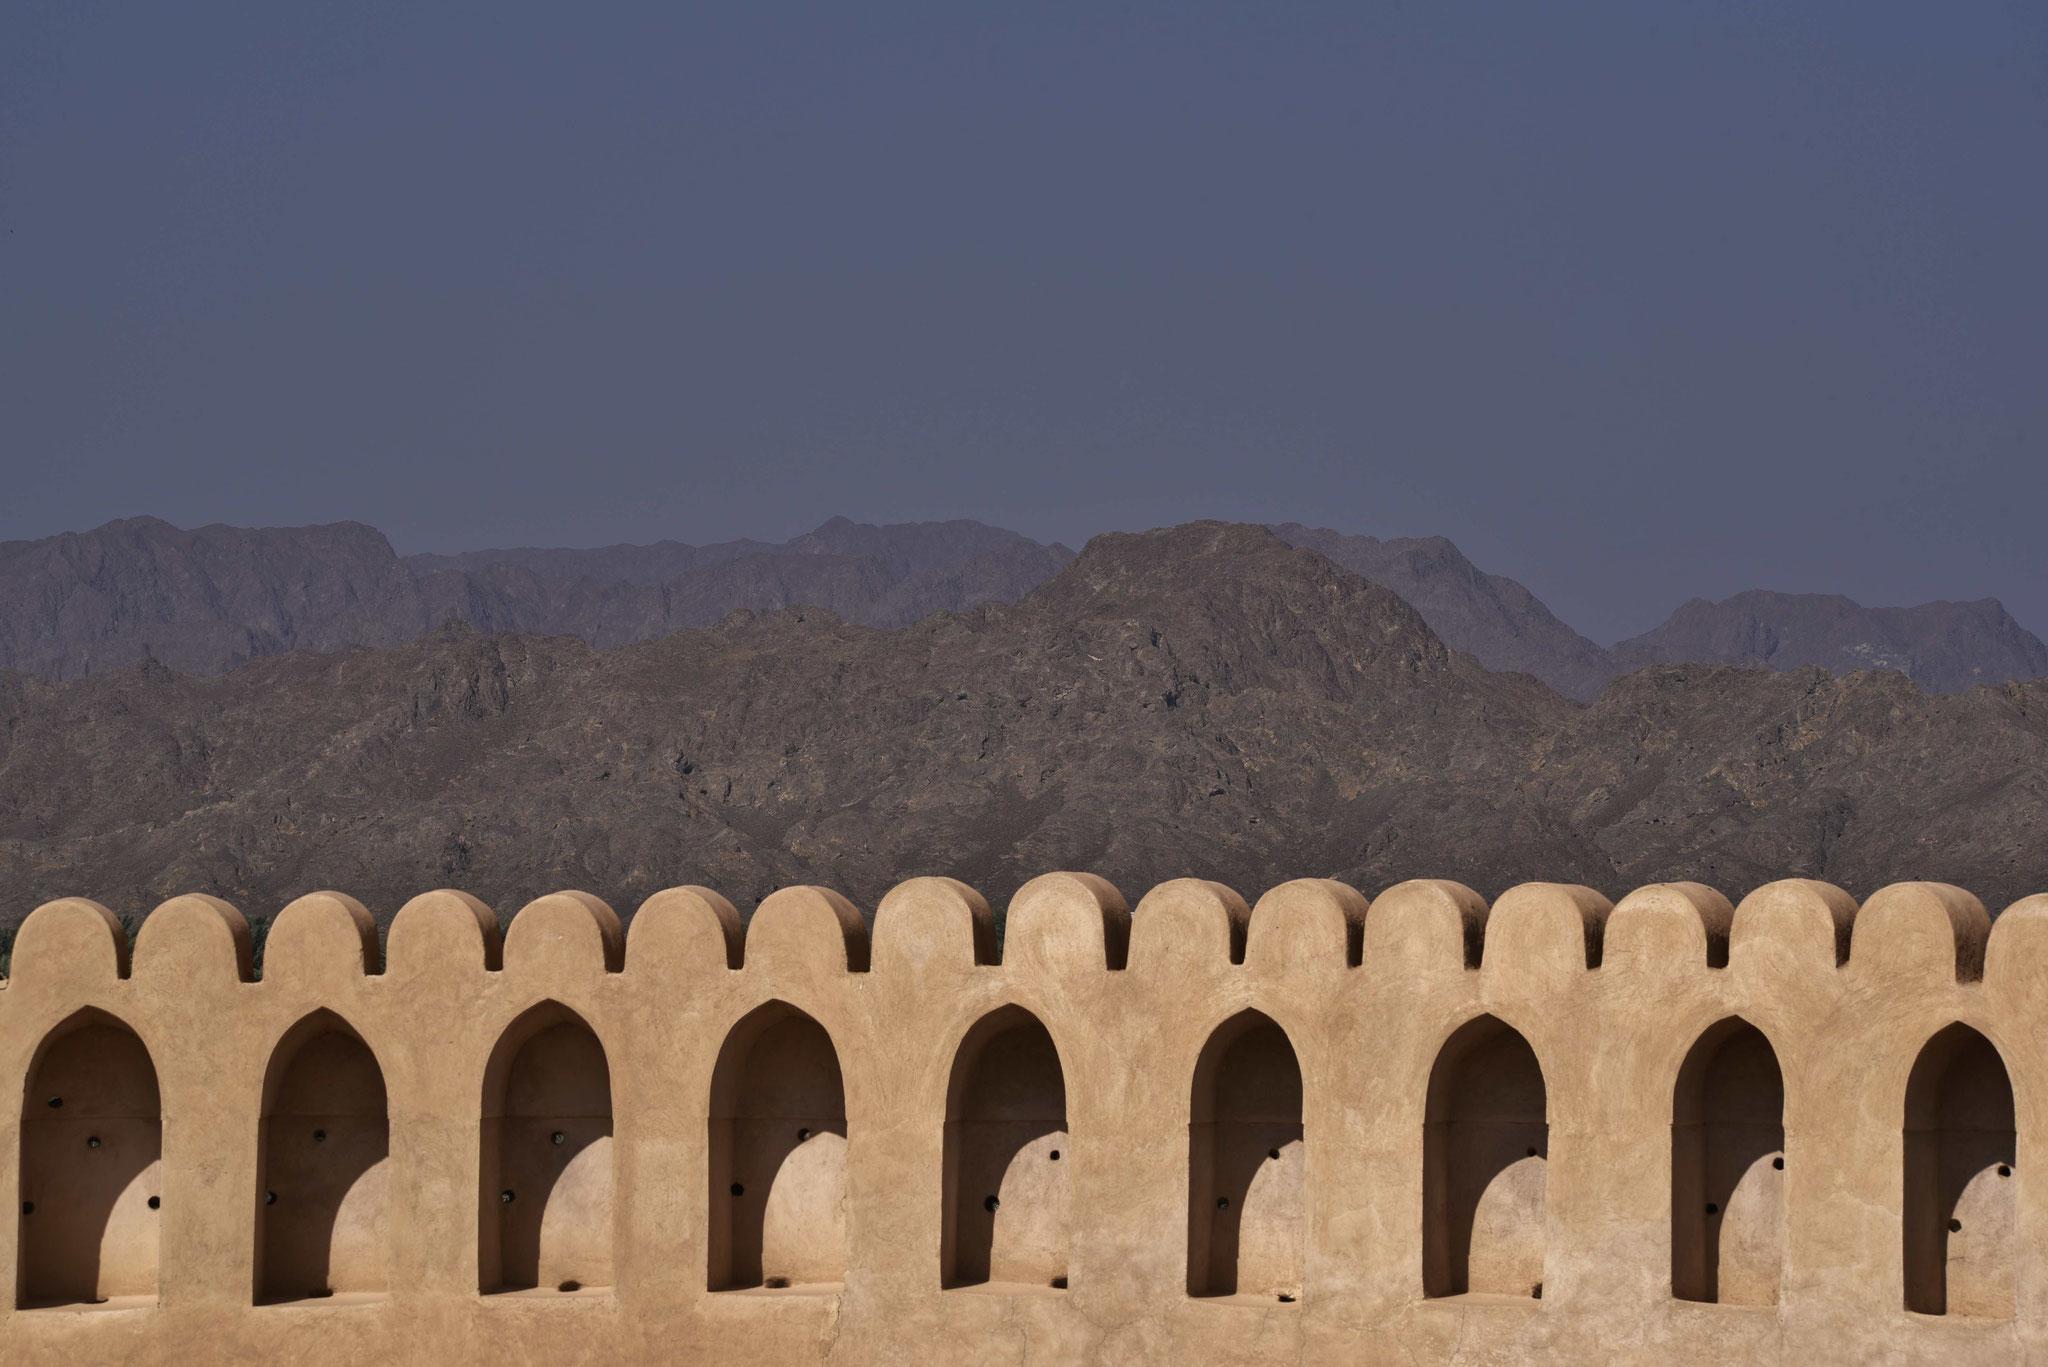 Festungsmauer mit Blick auf die Berge II